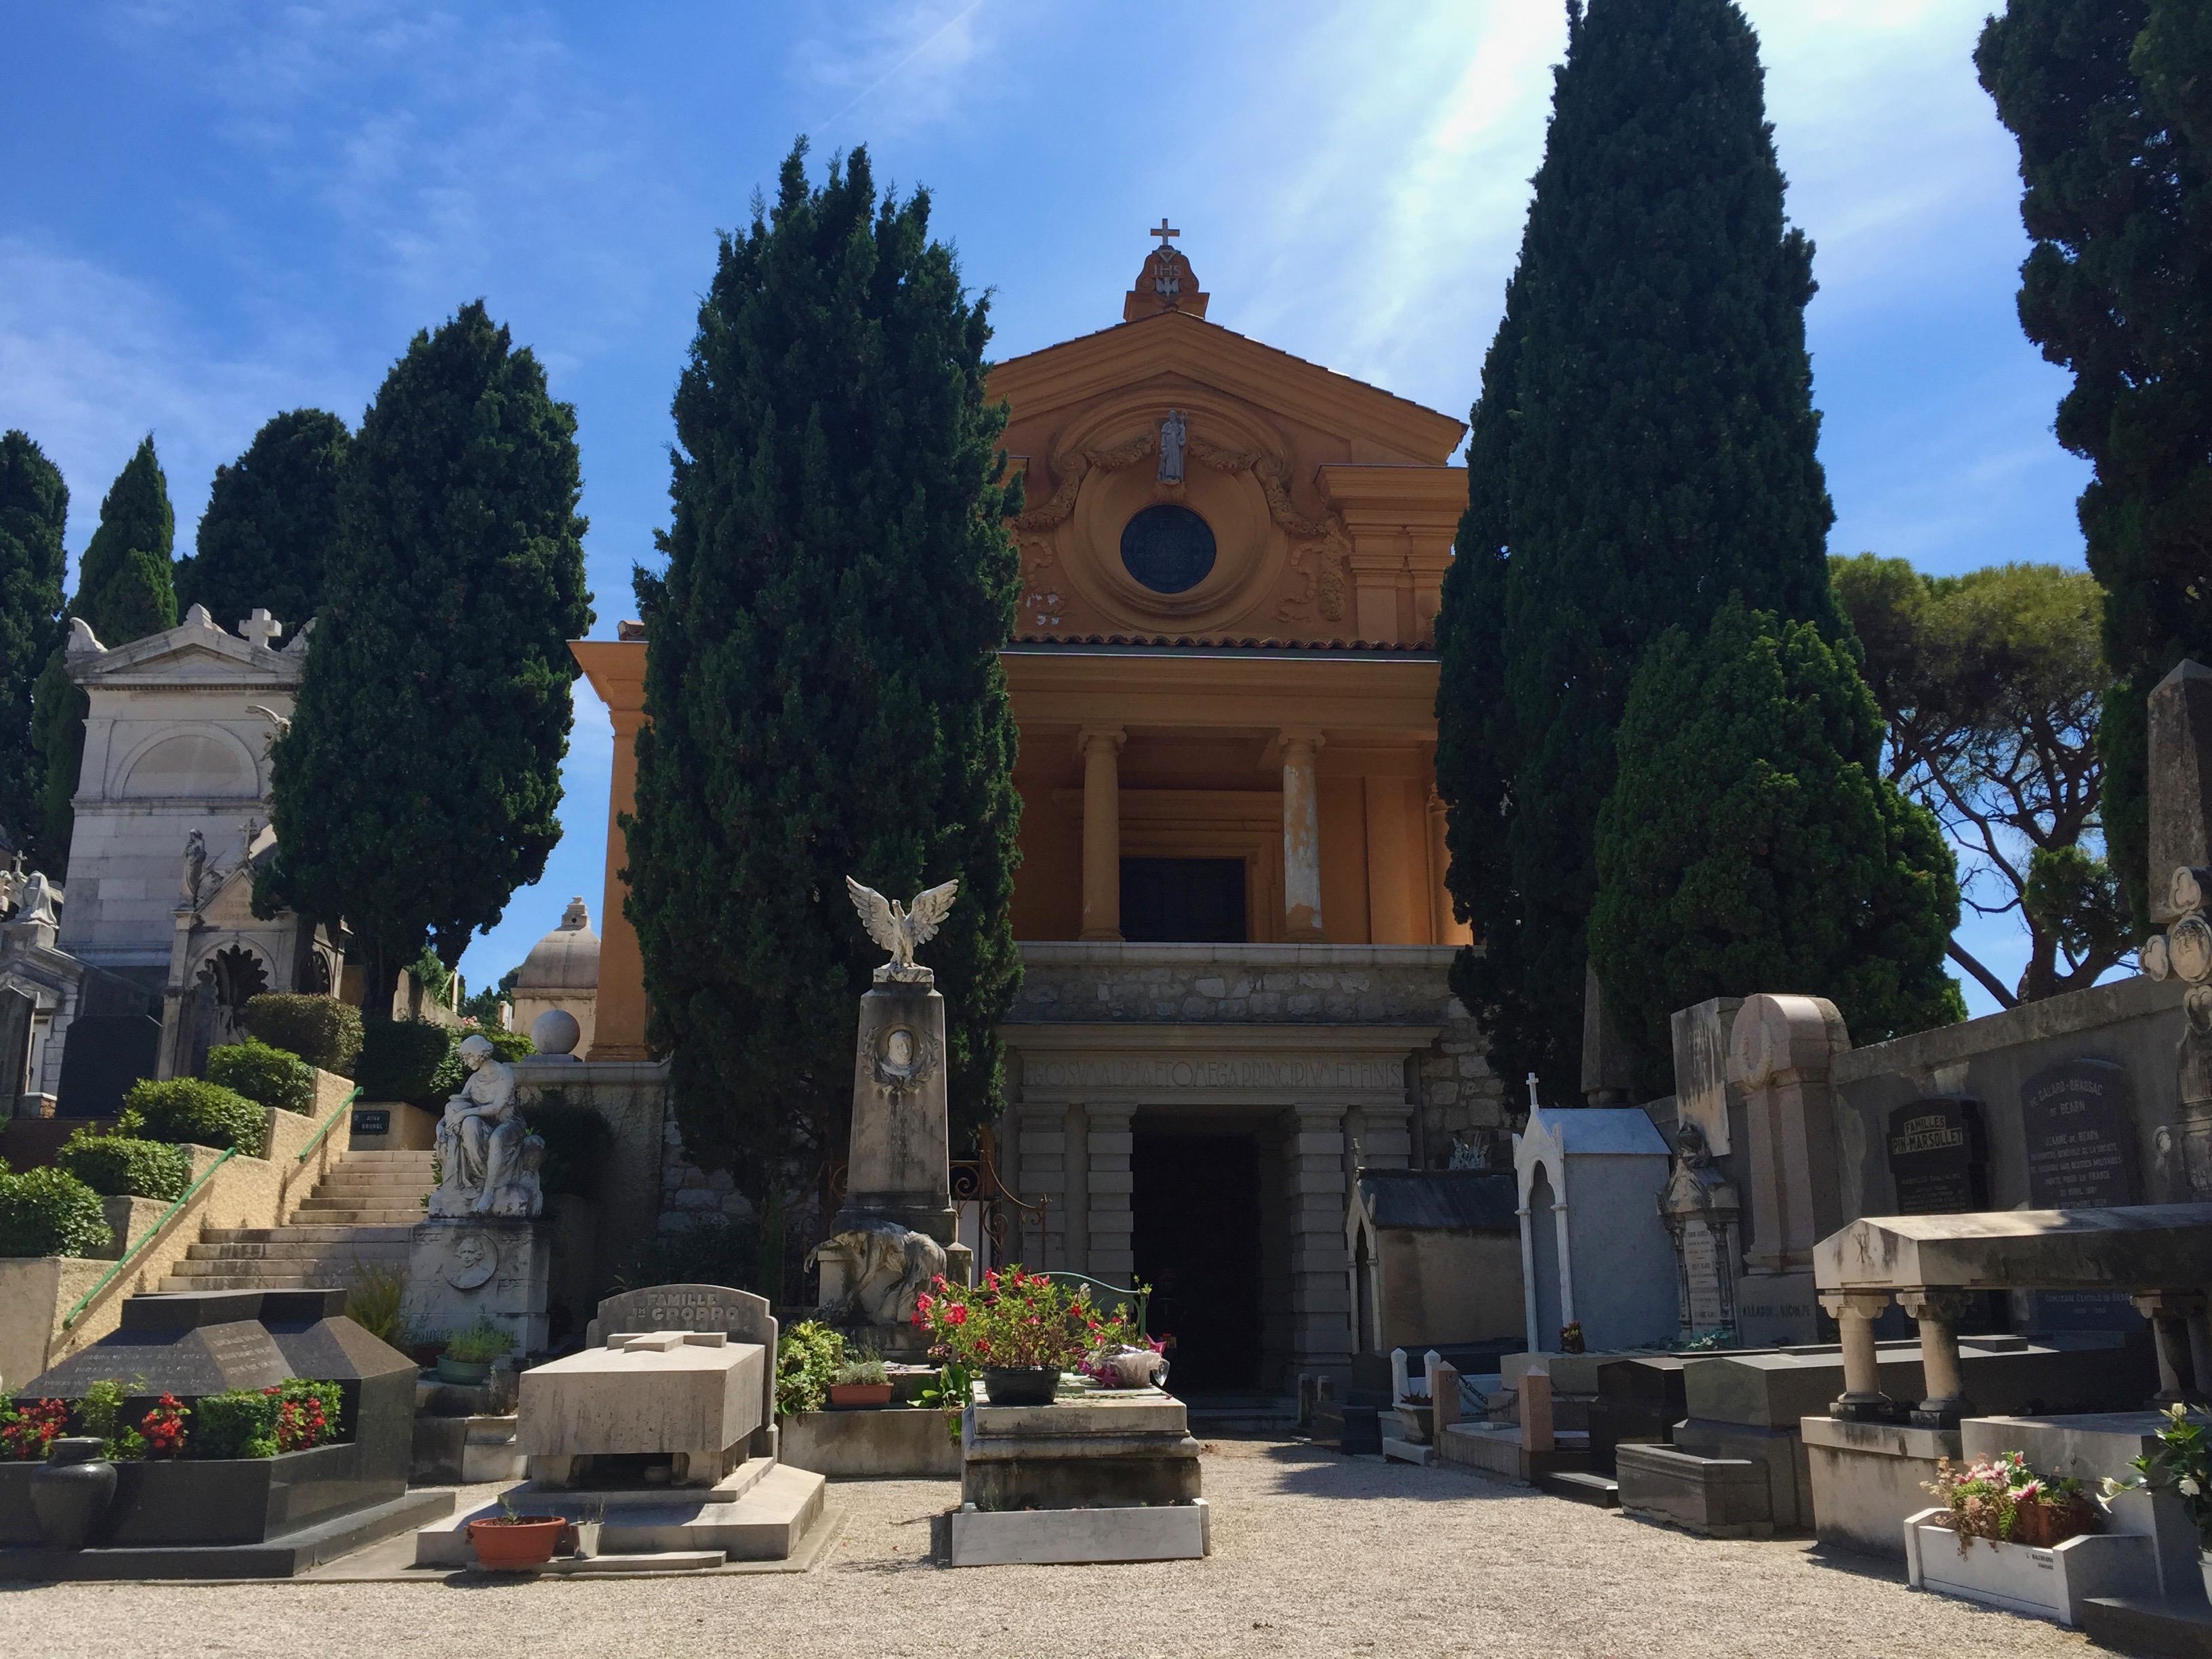 Zabytkowy Cmentarz na Wzgórzu Zamkowym